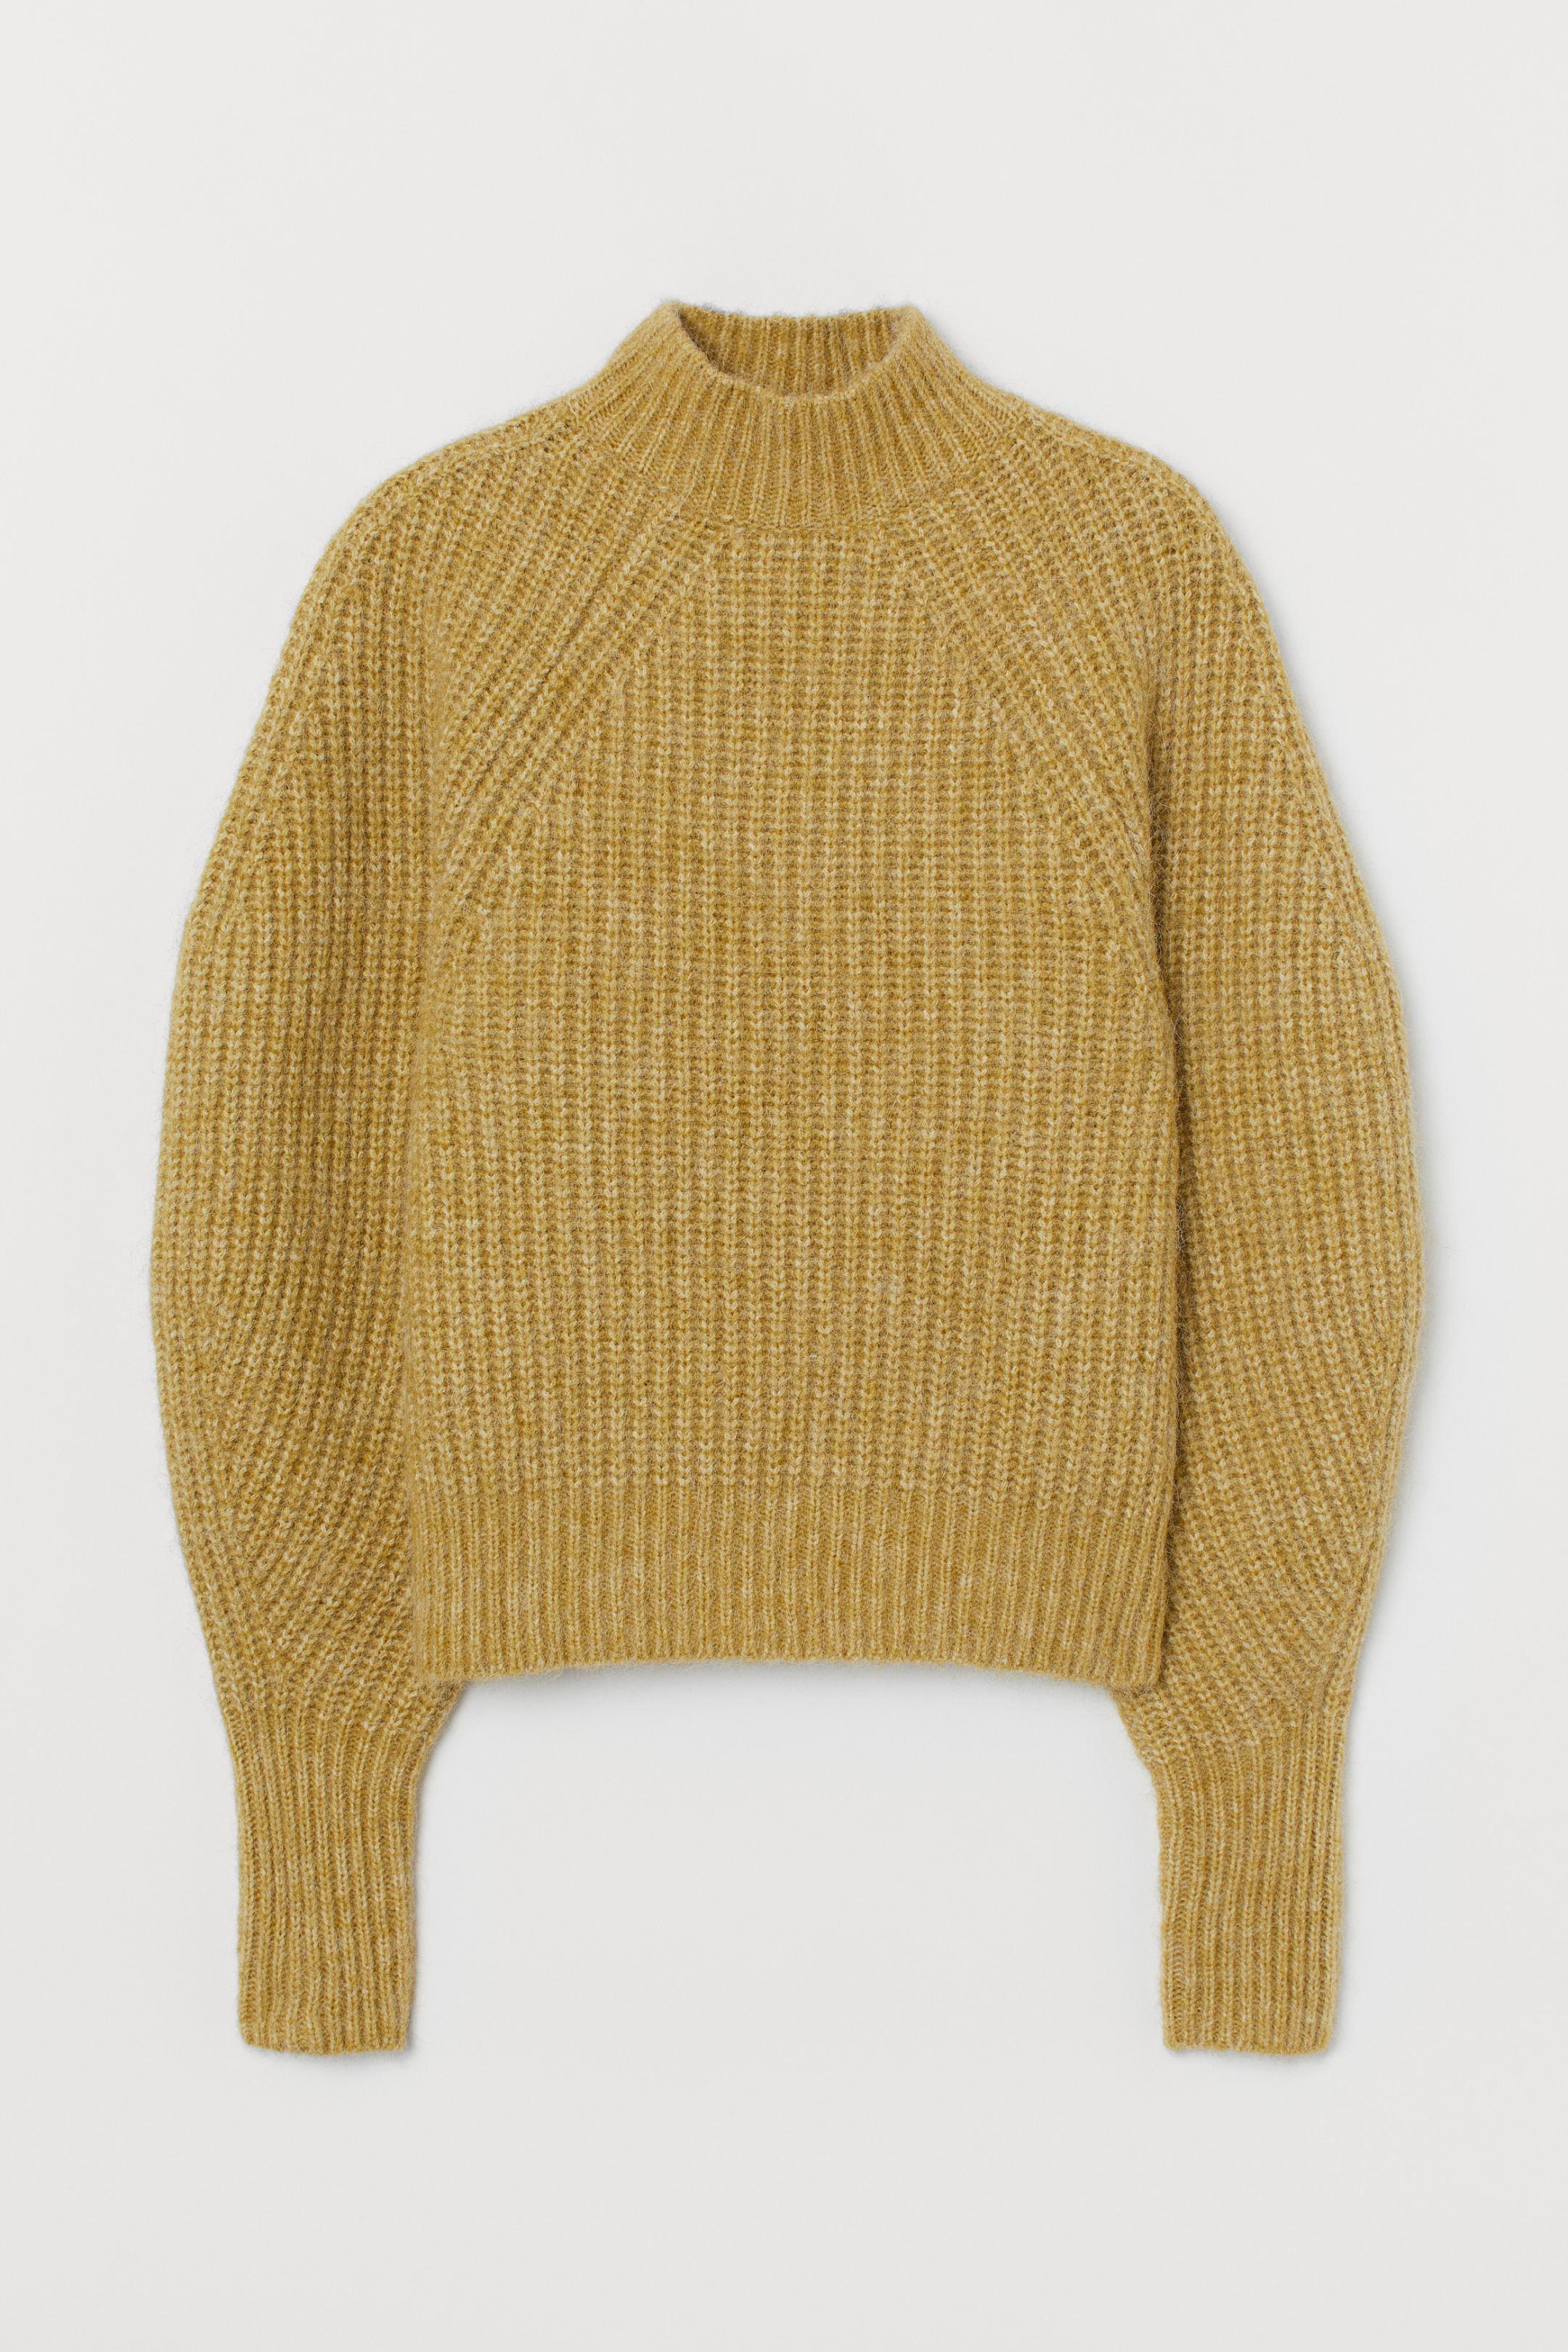 Jersey en punto de canalé suave de mezcla de lana y alpaca con cuello perkins y mangas amplias más ceñidas en los puños. Remate de canalé en puños y bajo. Confeccionado con poliéster reciclado.